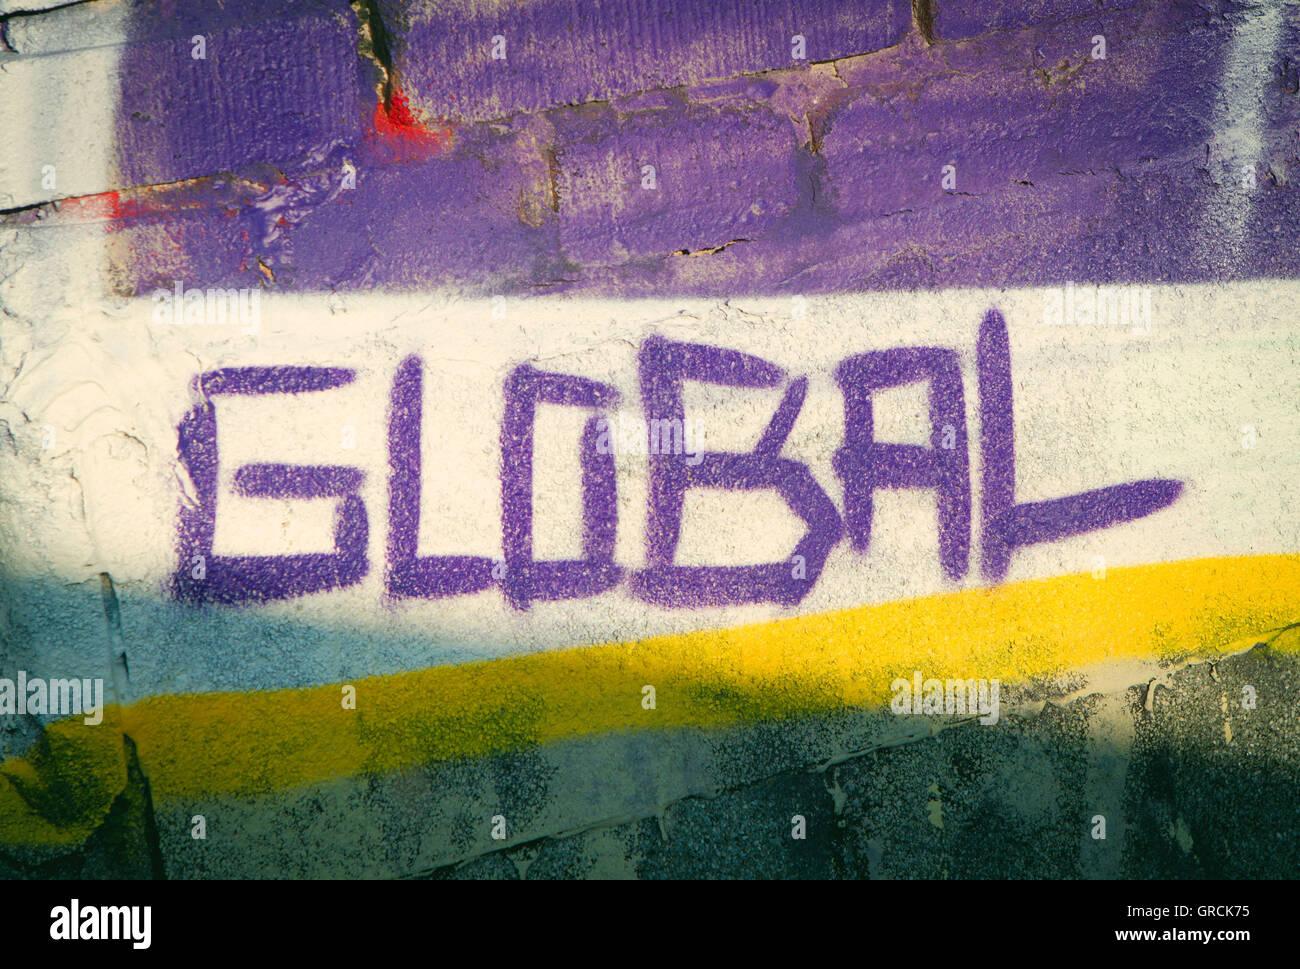 Global, Graffiti, cultura giovanile Immagini Stock